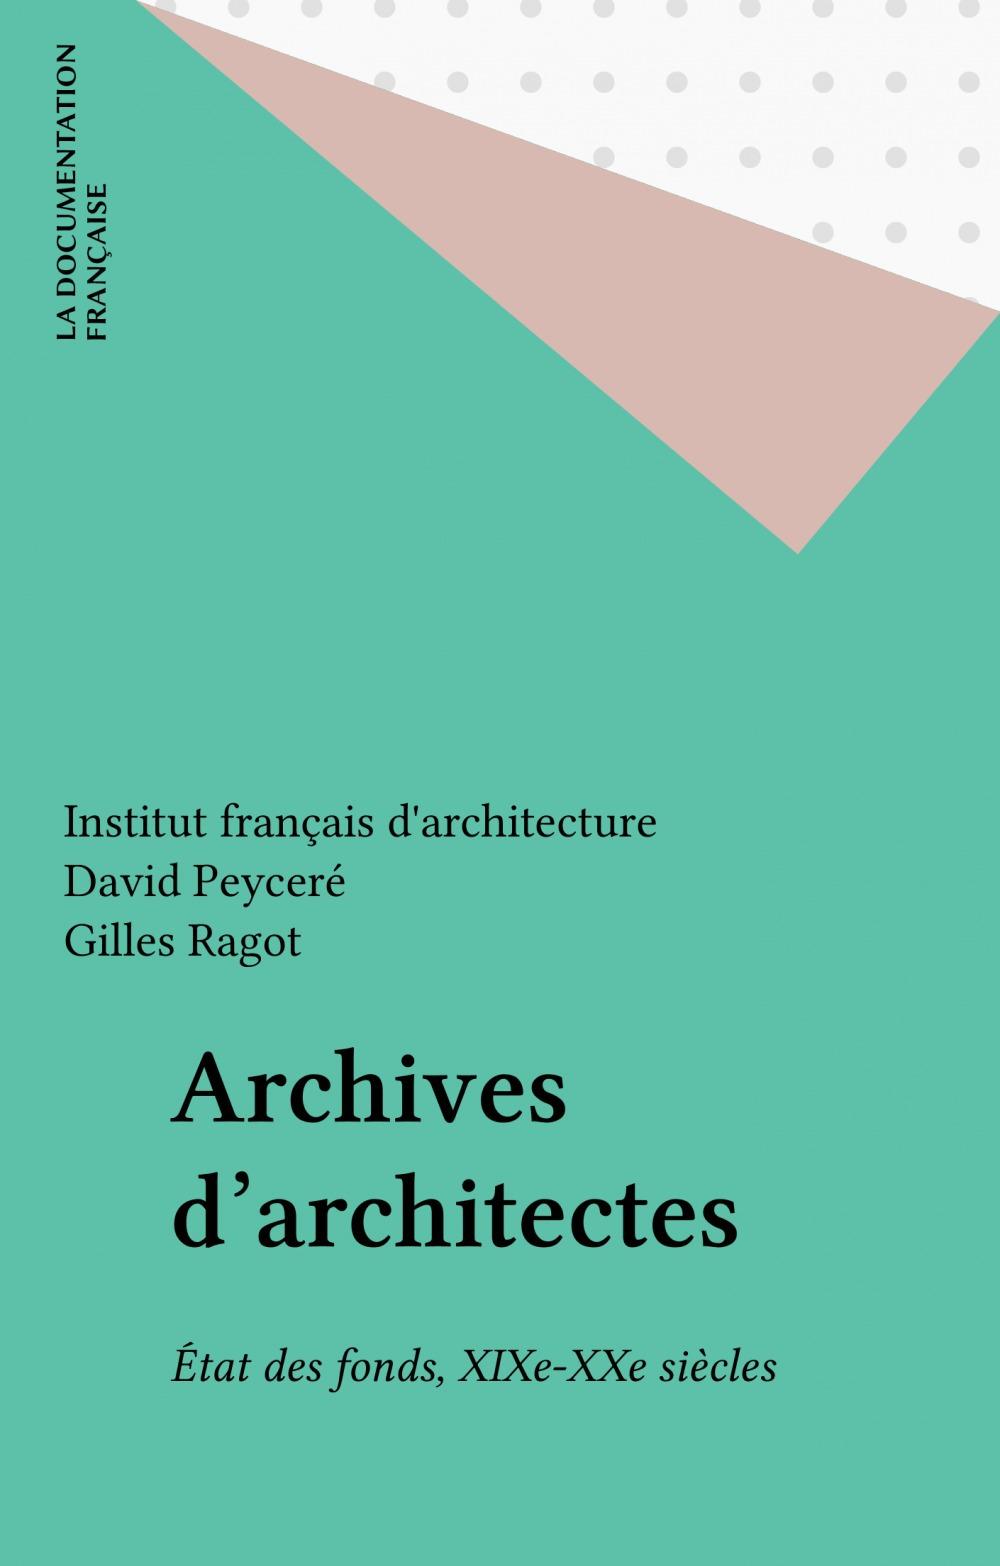 Archives d'architectes - etat des fonds du xix eme et xx eme siecle